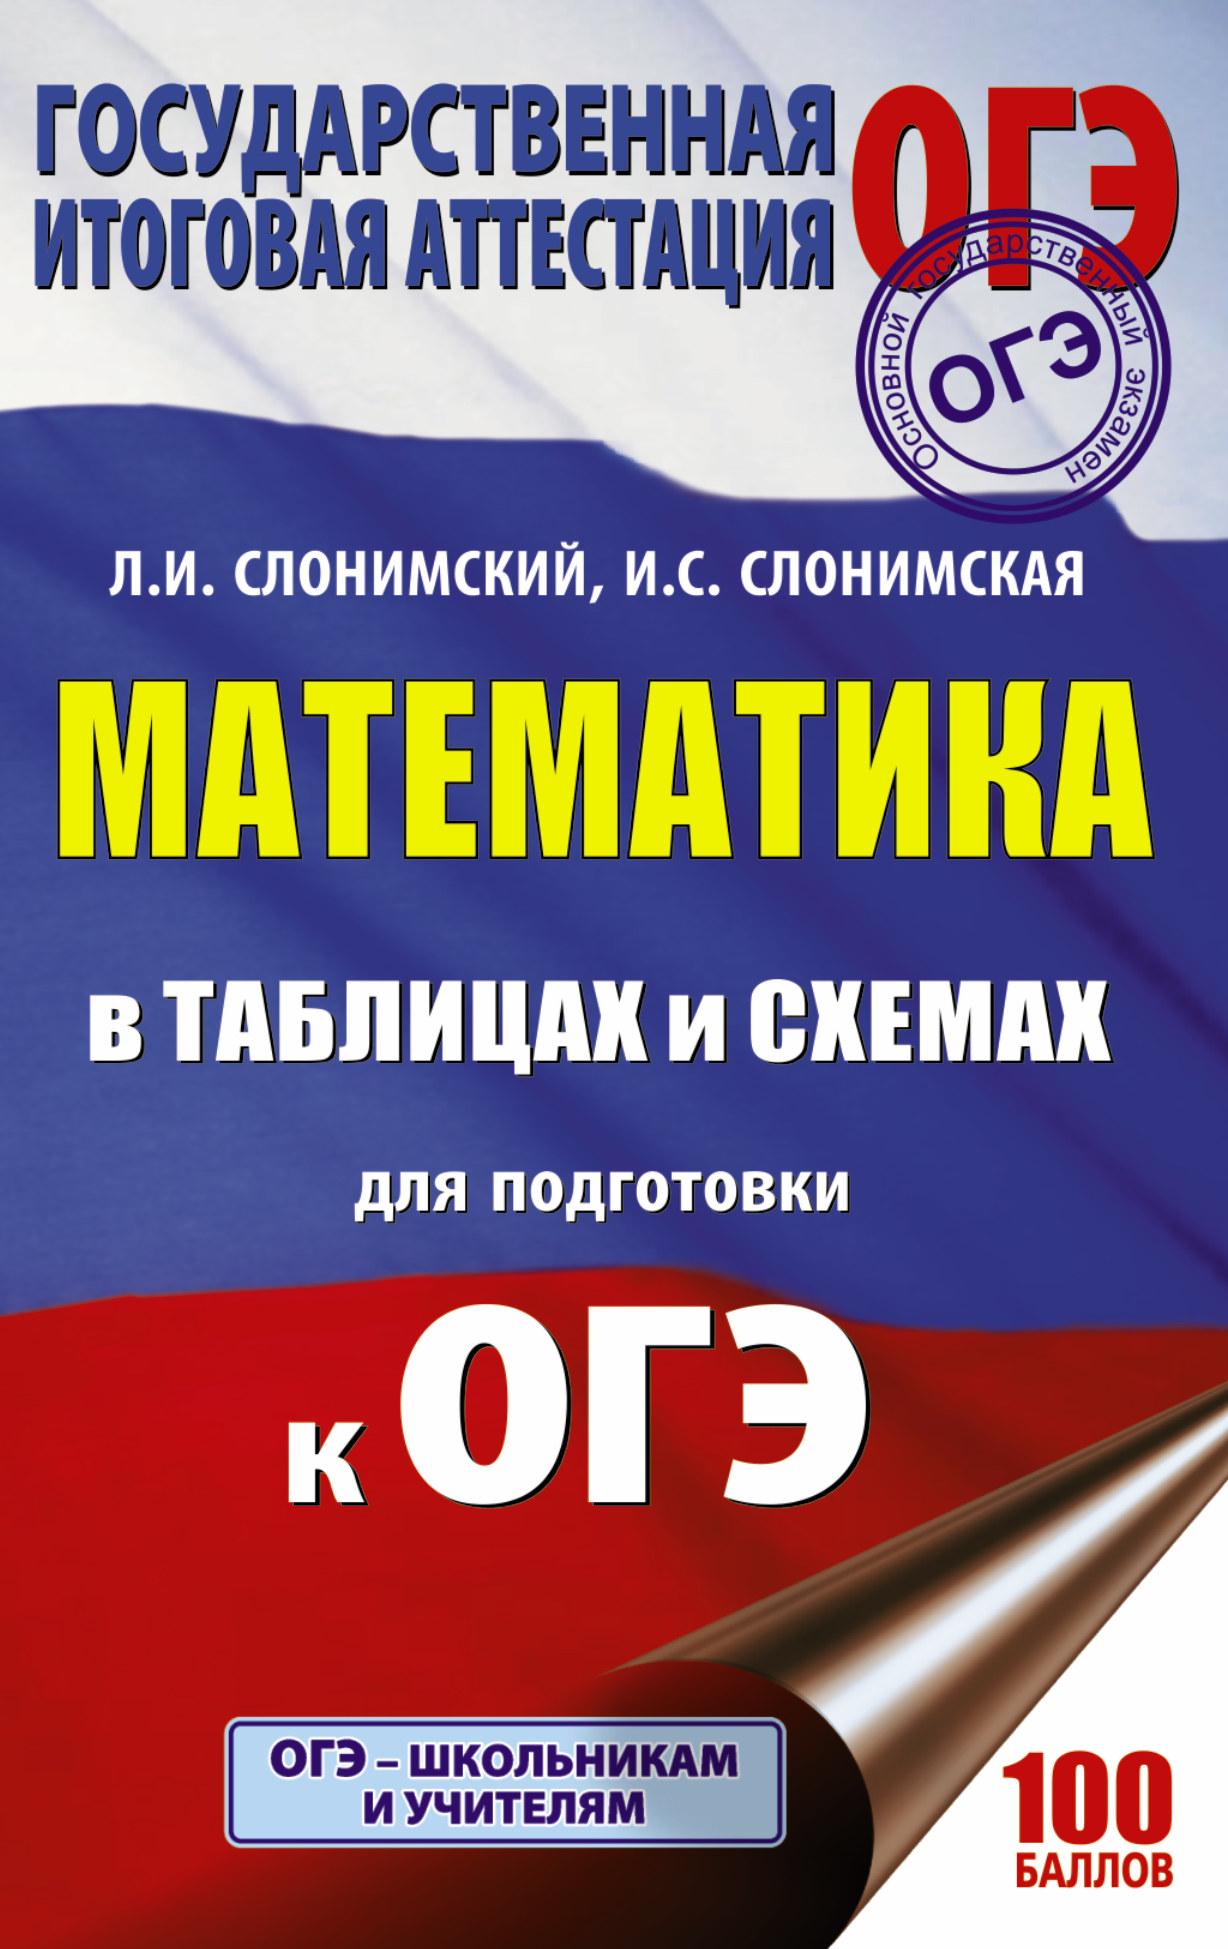 ОГЭ. Математика в таблицах и схемах для подготовки к ОГЭ от book24.ru